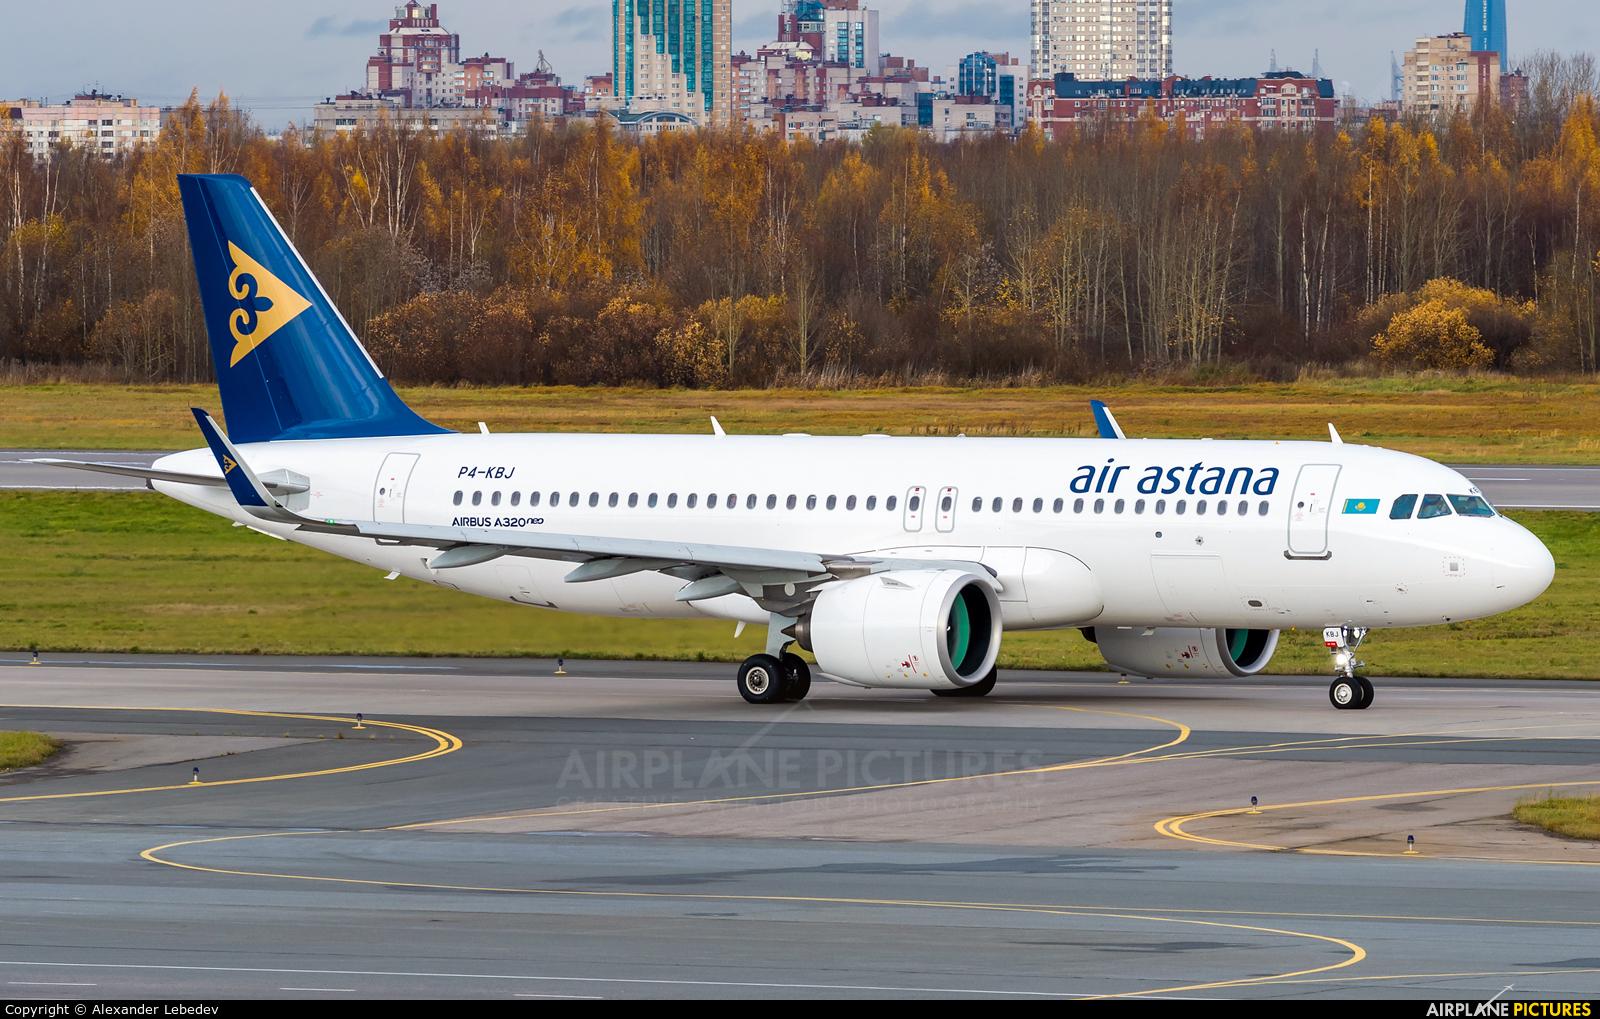 Air Astana P4-KBJ aircraft at St. Petersburg - Pulkovo